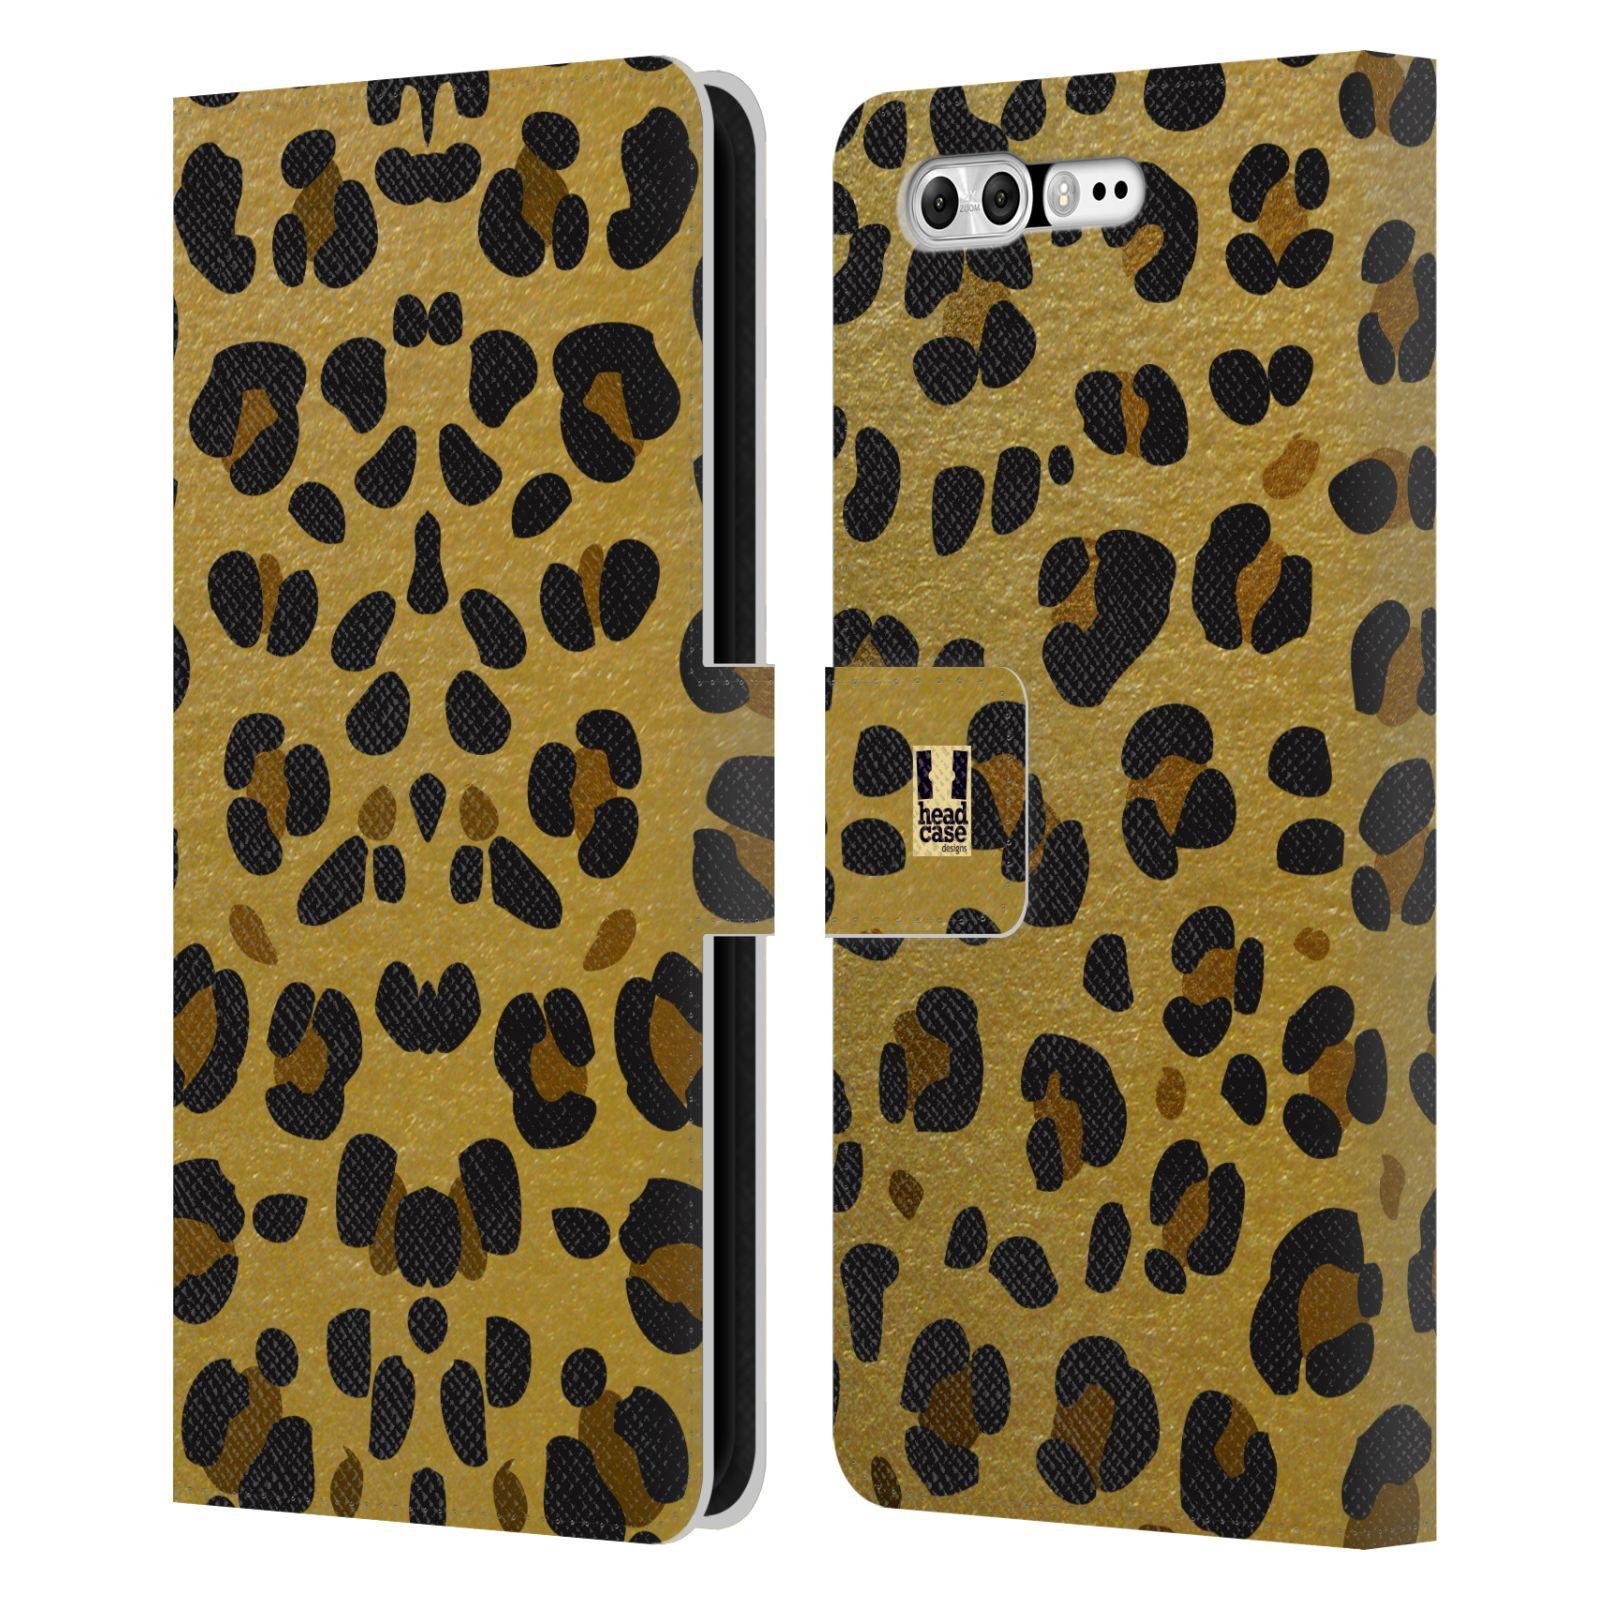 Pouzdro na mobil Asus Zenfone 4 Pro ZS551KL - Head Case - Fashion zvířecí vzor